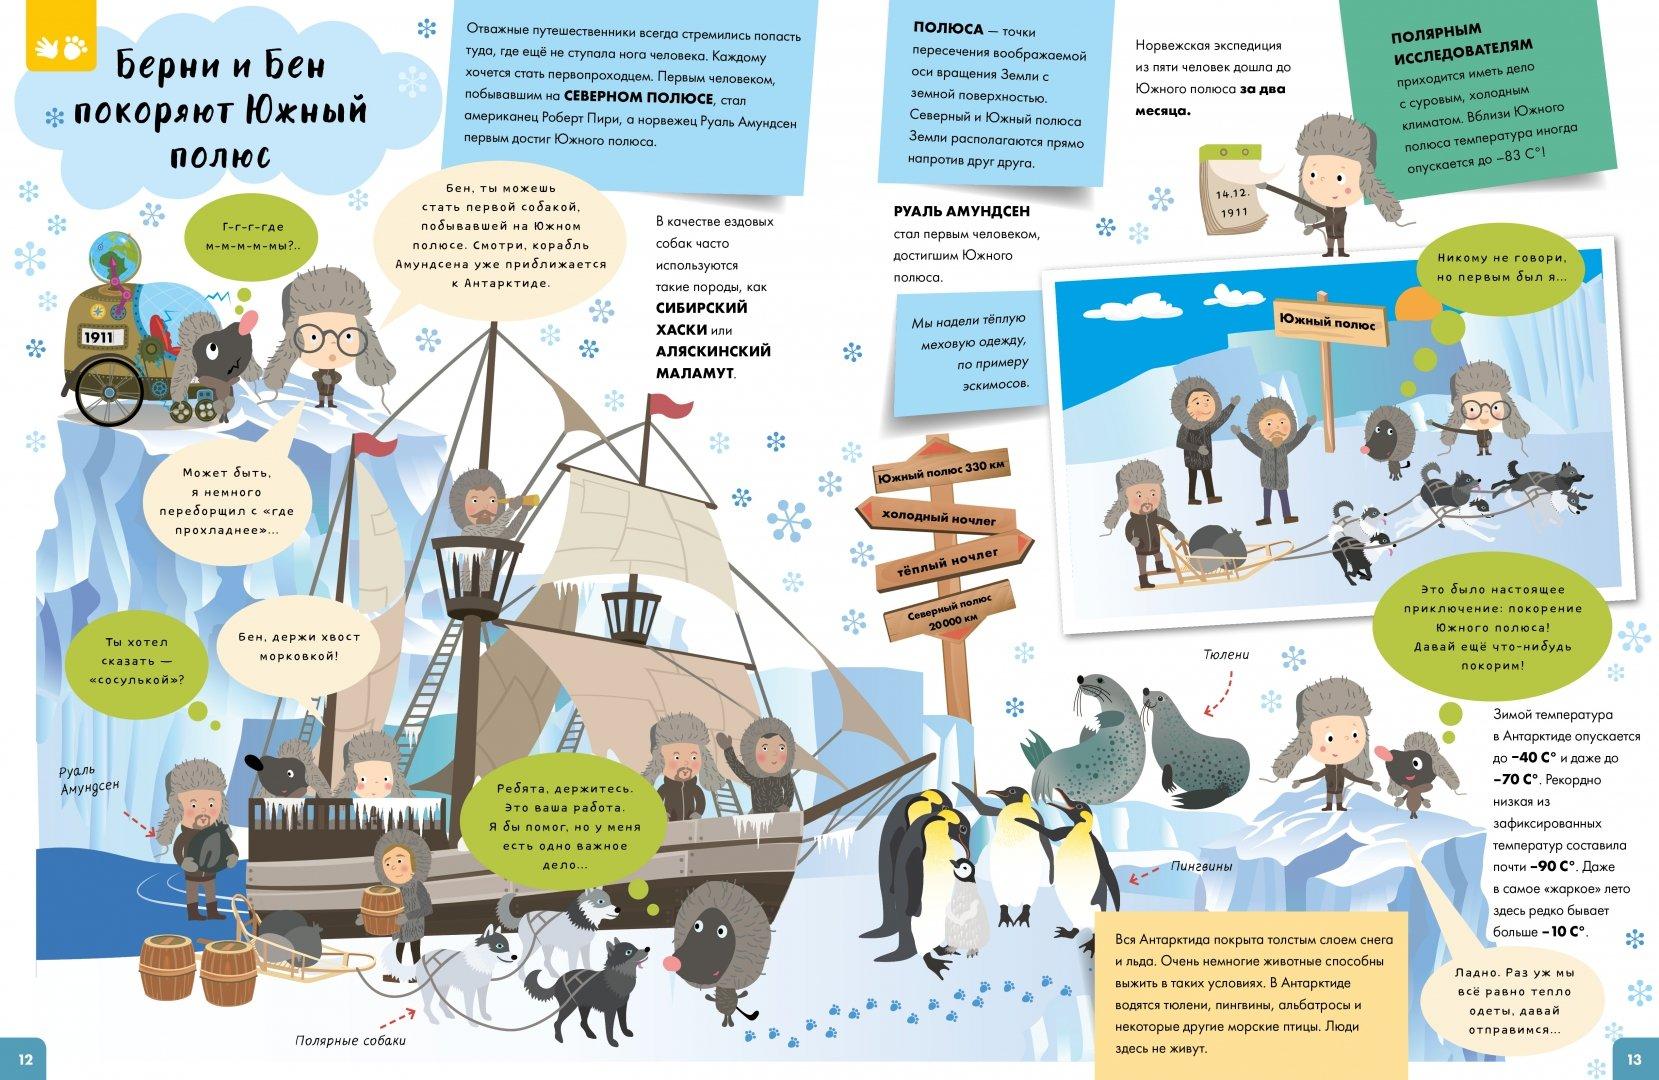 Иллюстрация 1 из 31 для Берни и Бен. Книга открытий - Олдрих Ружичка | Лабиринт - книги. Источник: Лабиринт